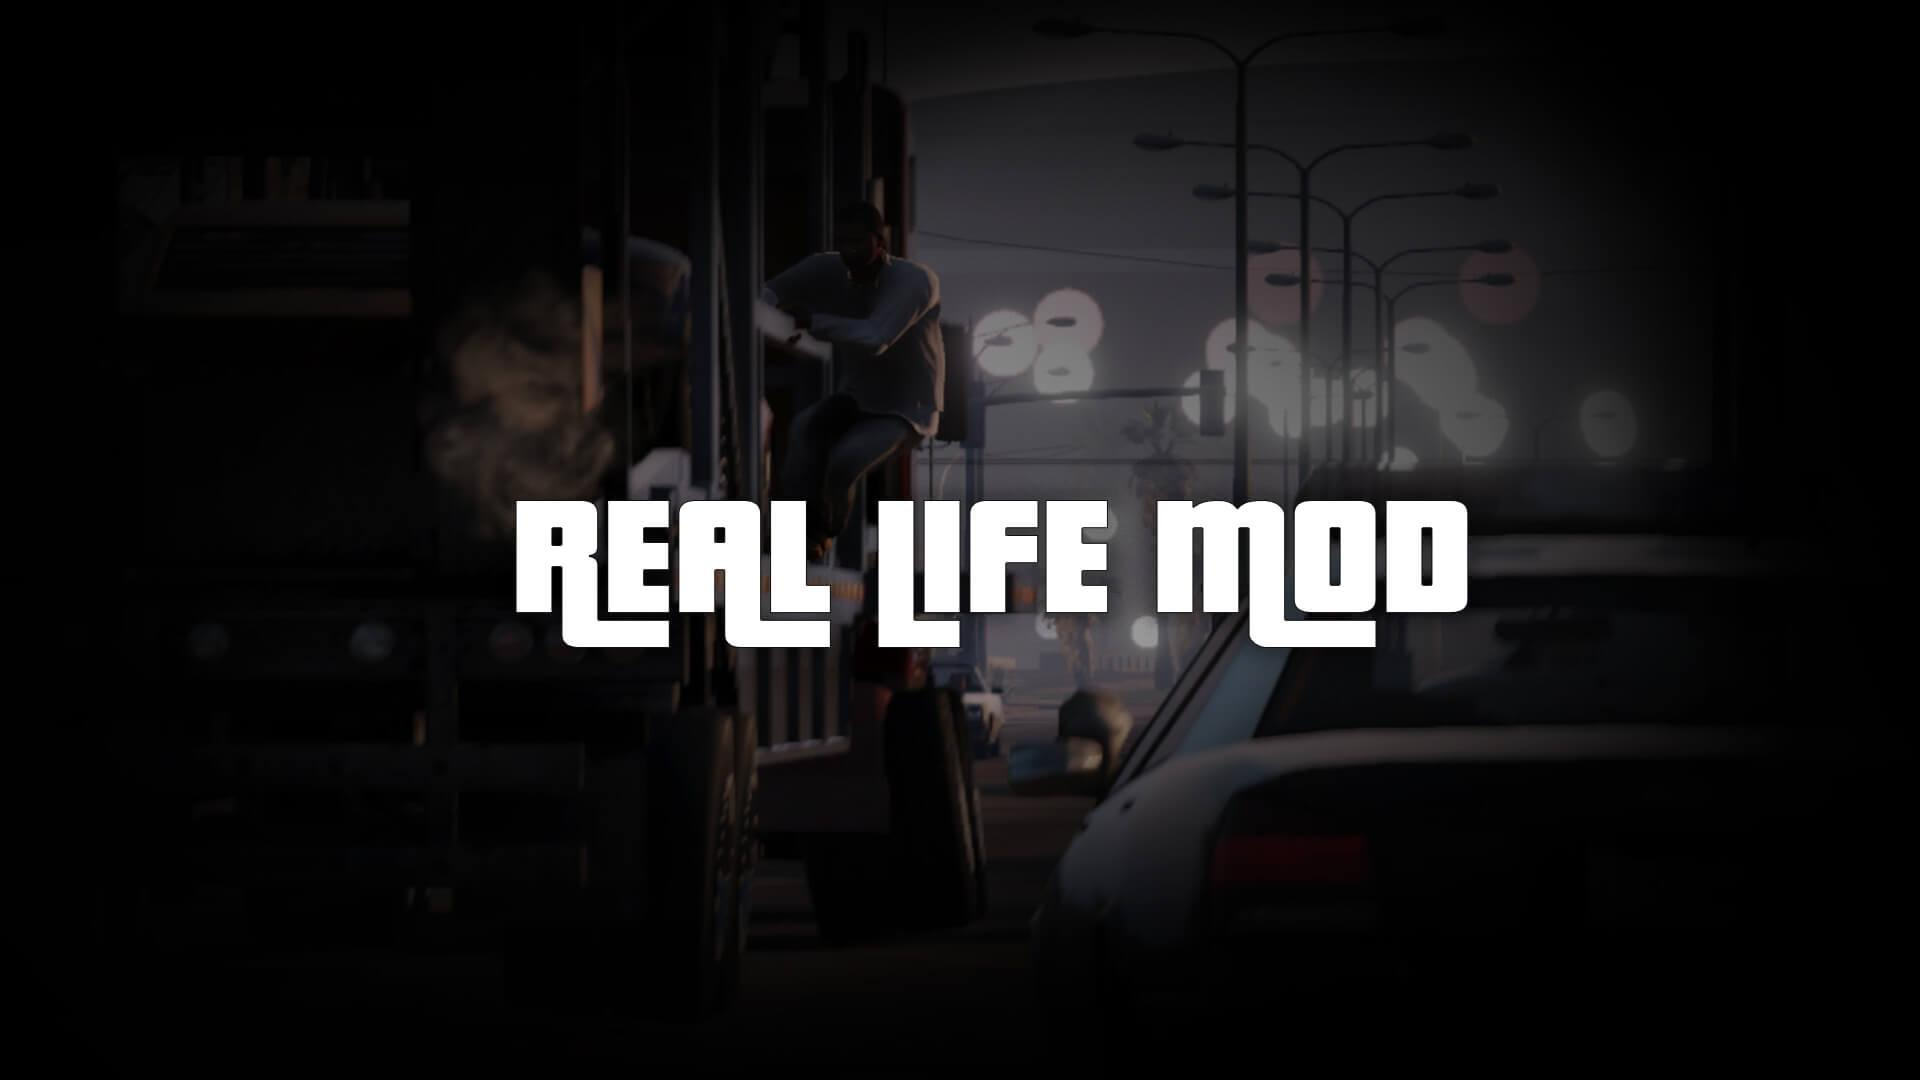 real life mod gta 5